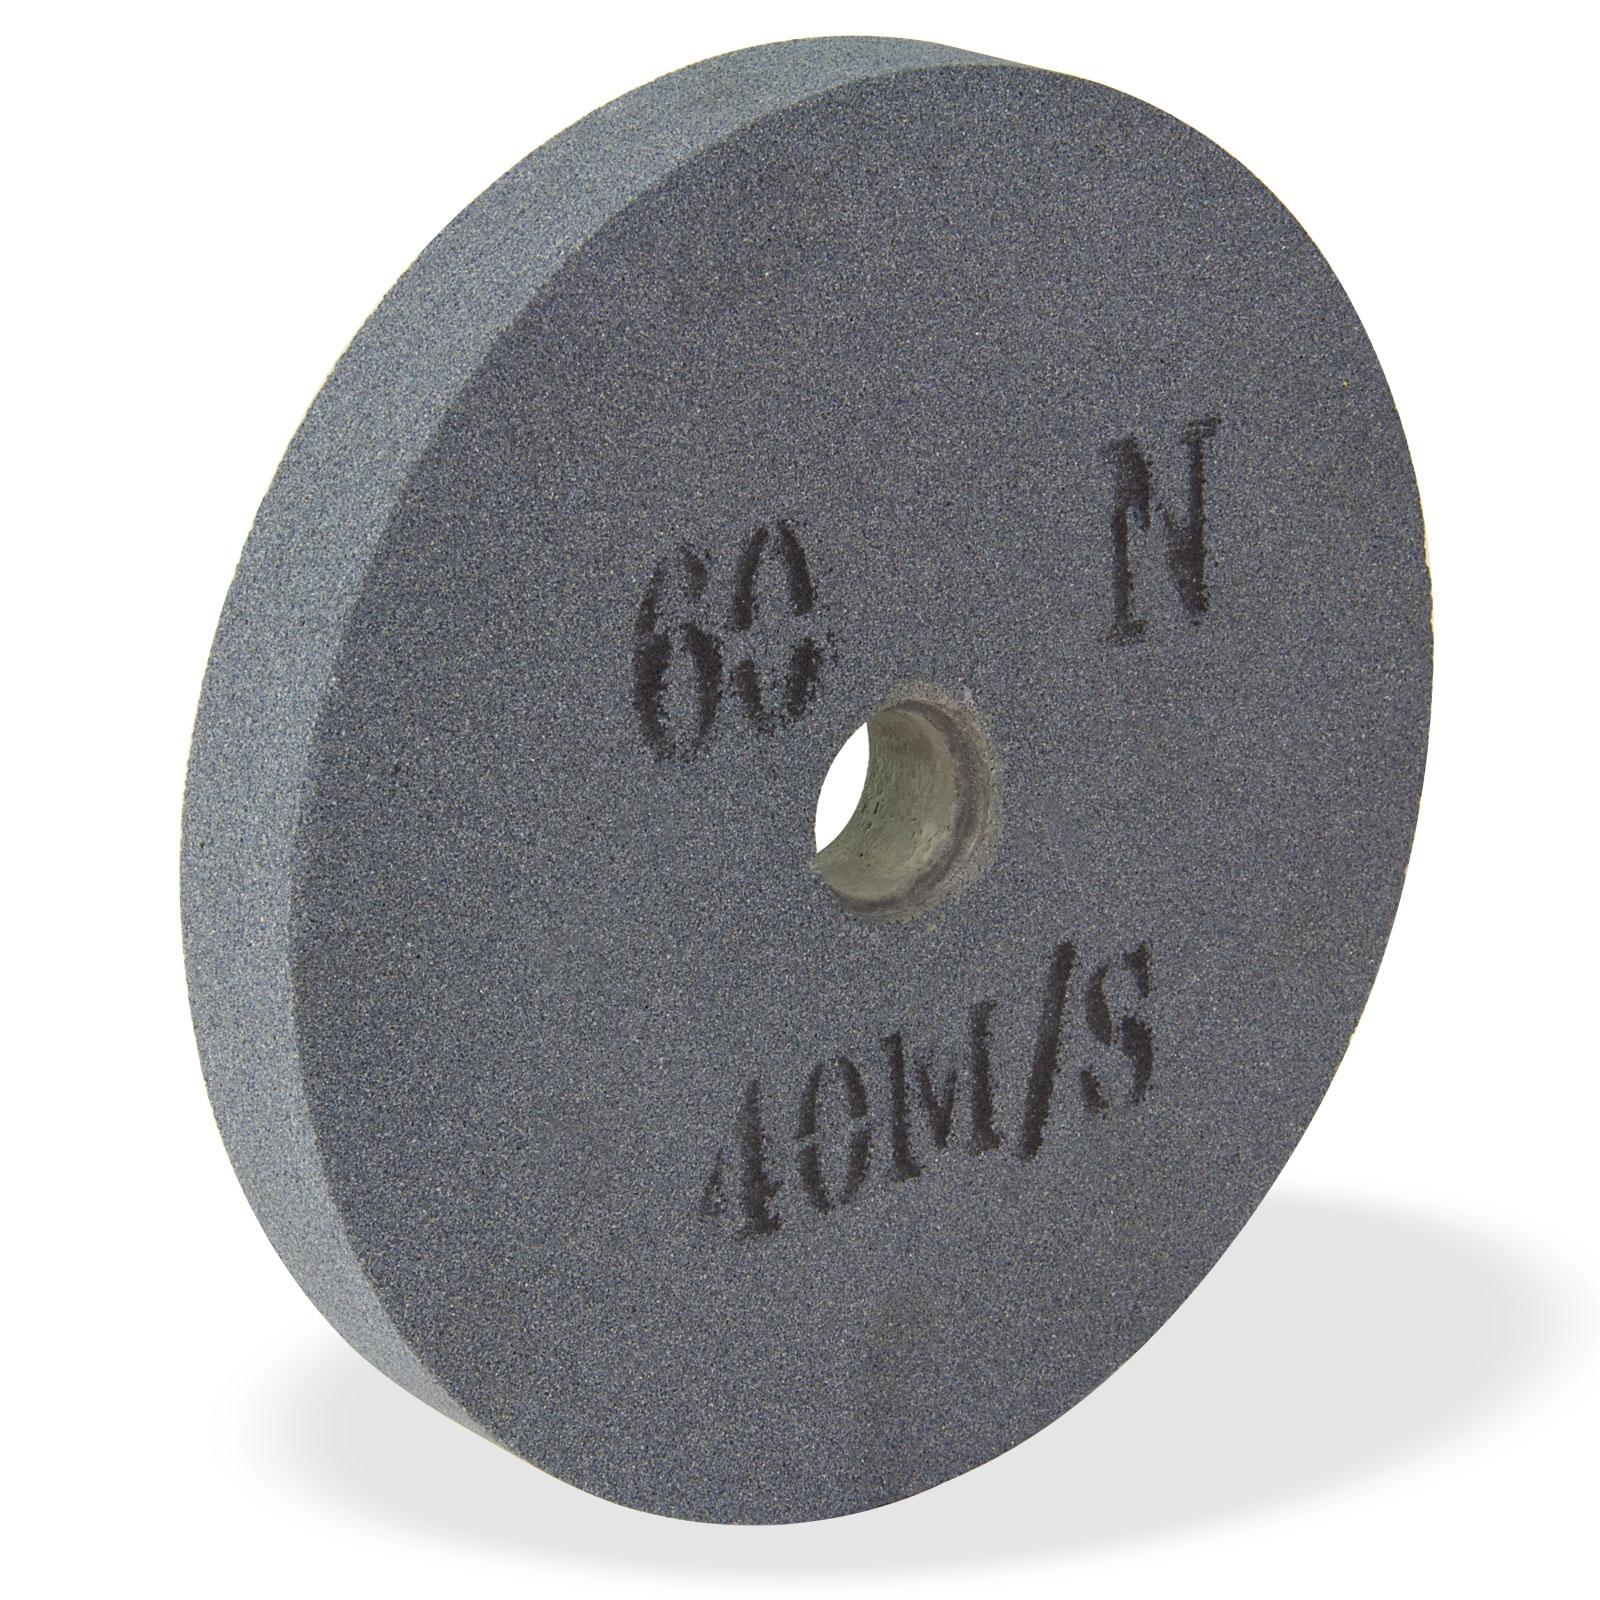 Güde Schleifscheibe 250x32x32 mm K36 für Güde Doppelschleifer GDS 250